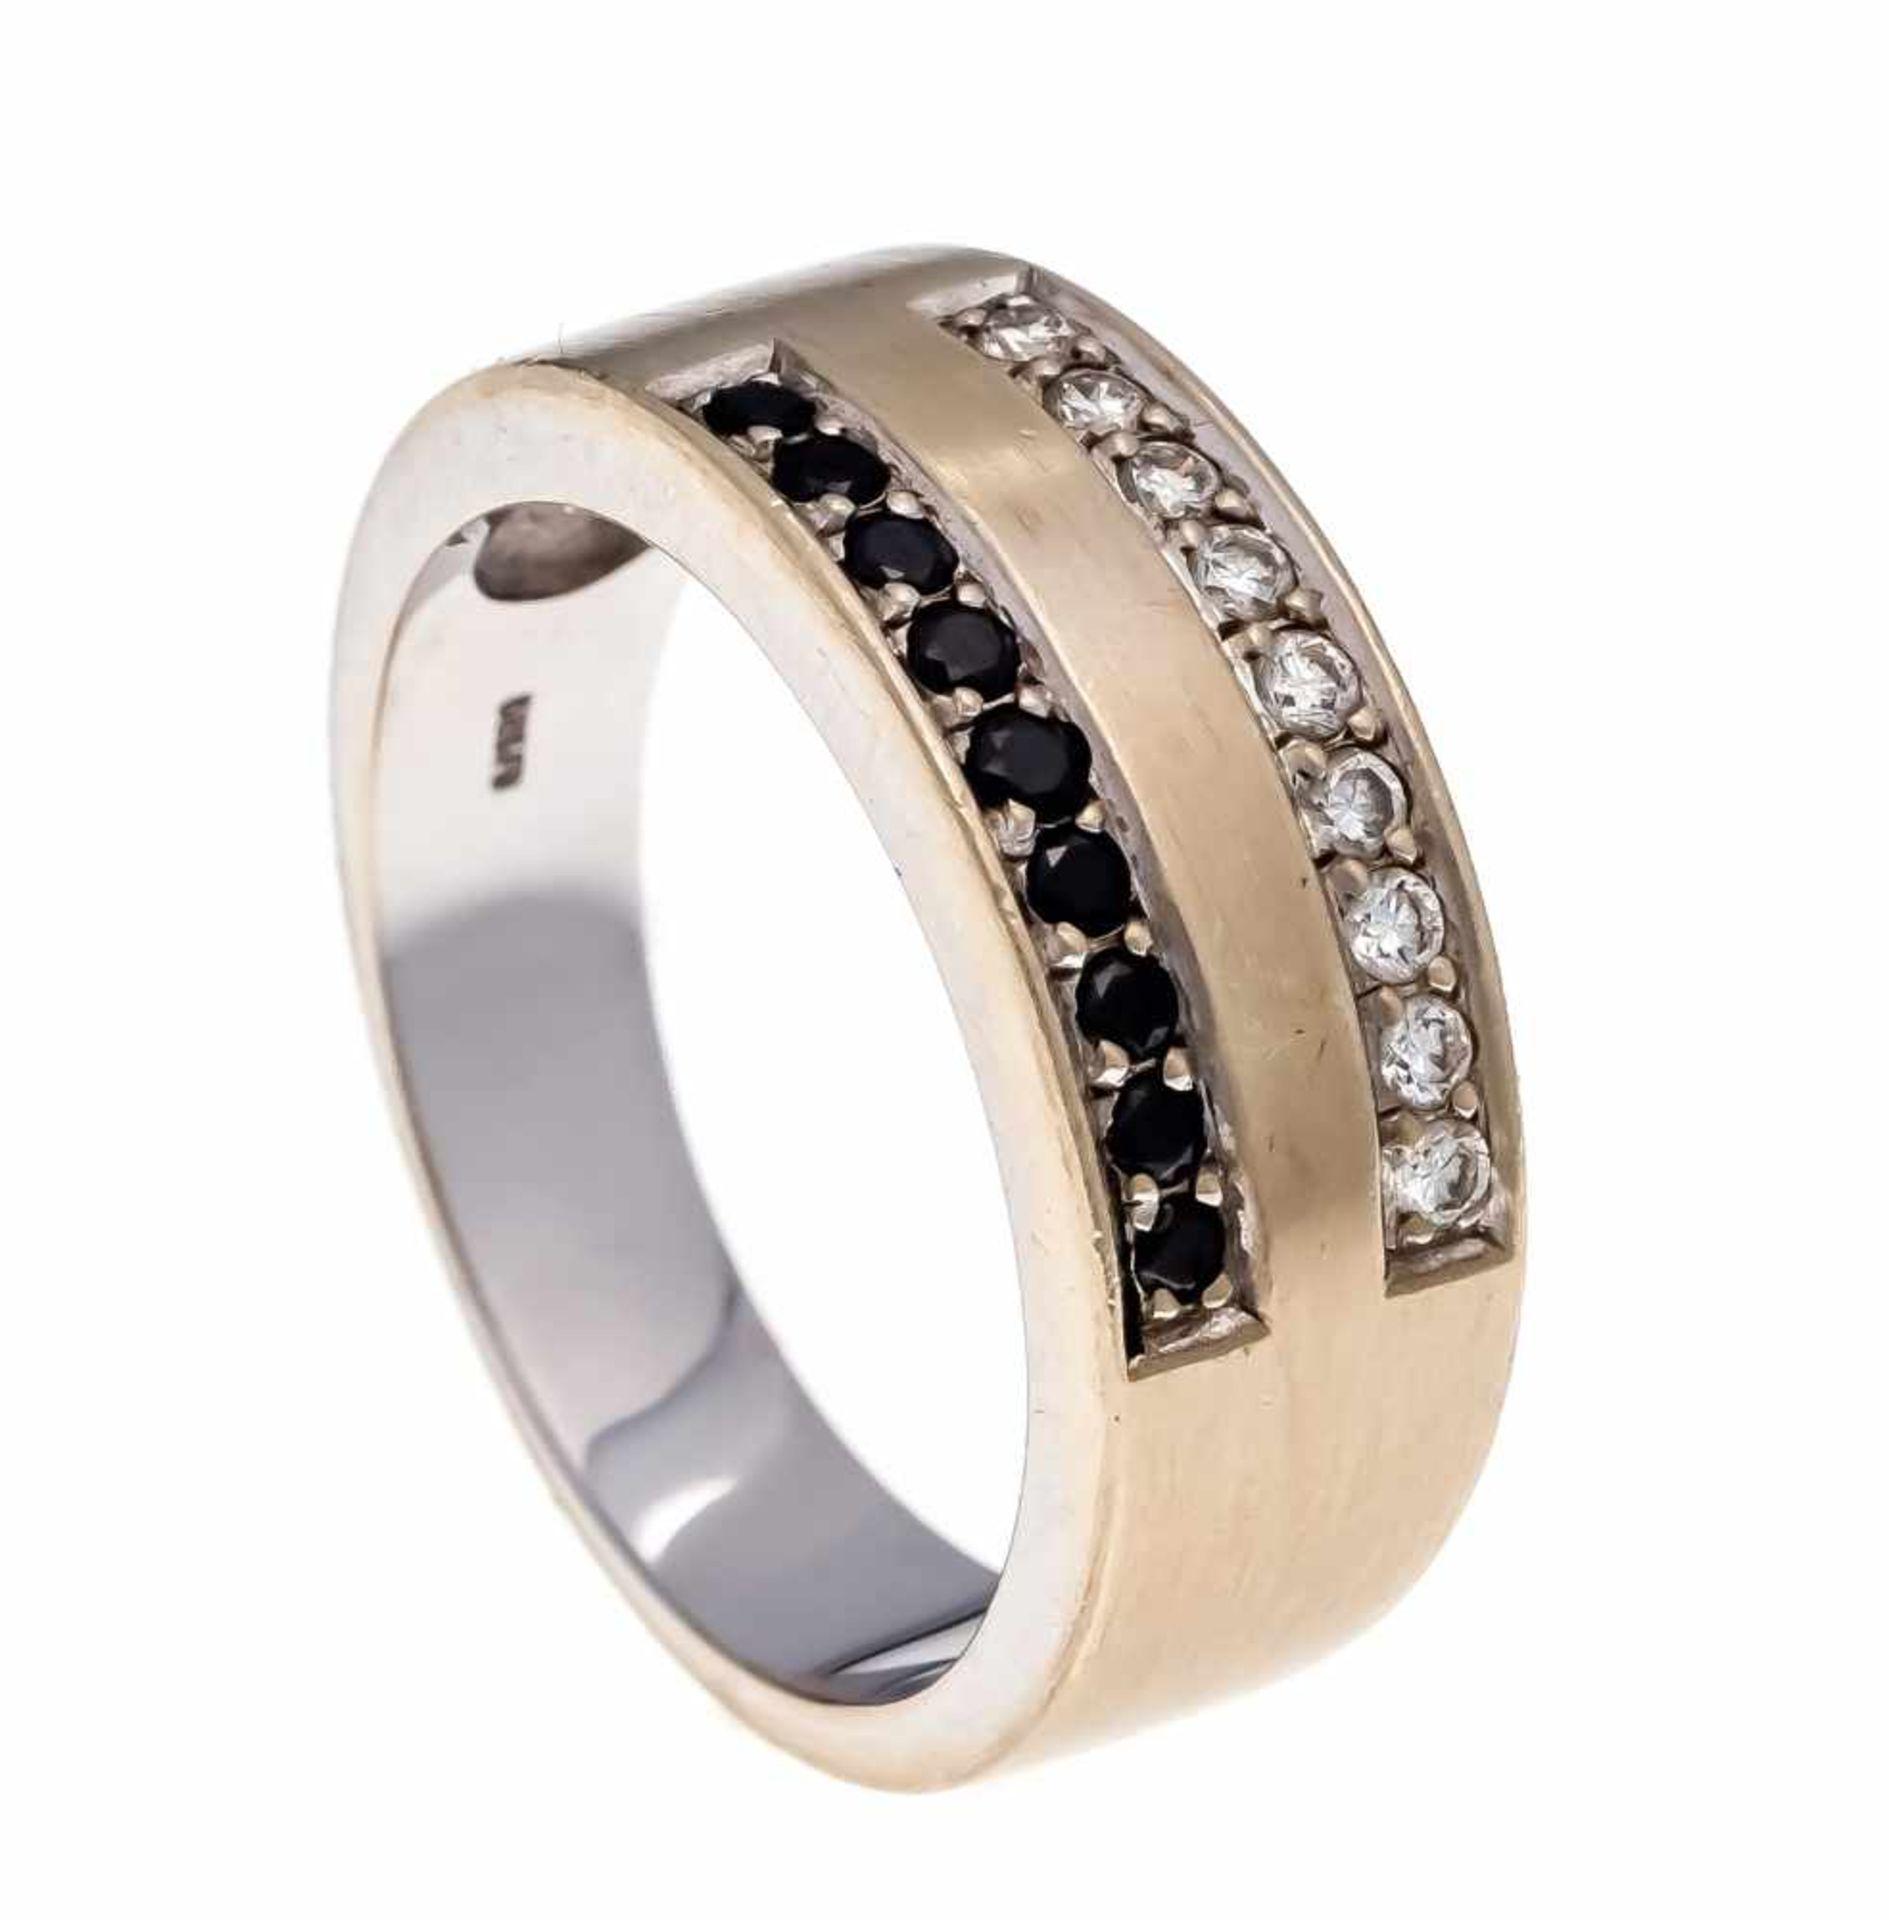 Brillant-Ring WG 585/000 mit 9 Brillanten, zus. 0,14 ct W/SI und 9 schwarzen Brillanten, zus. 0,14